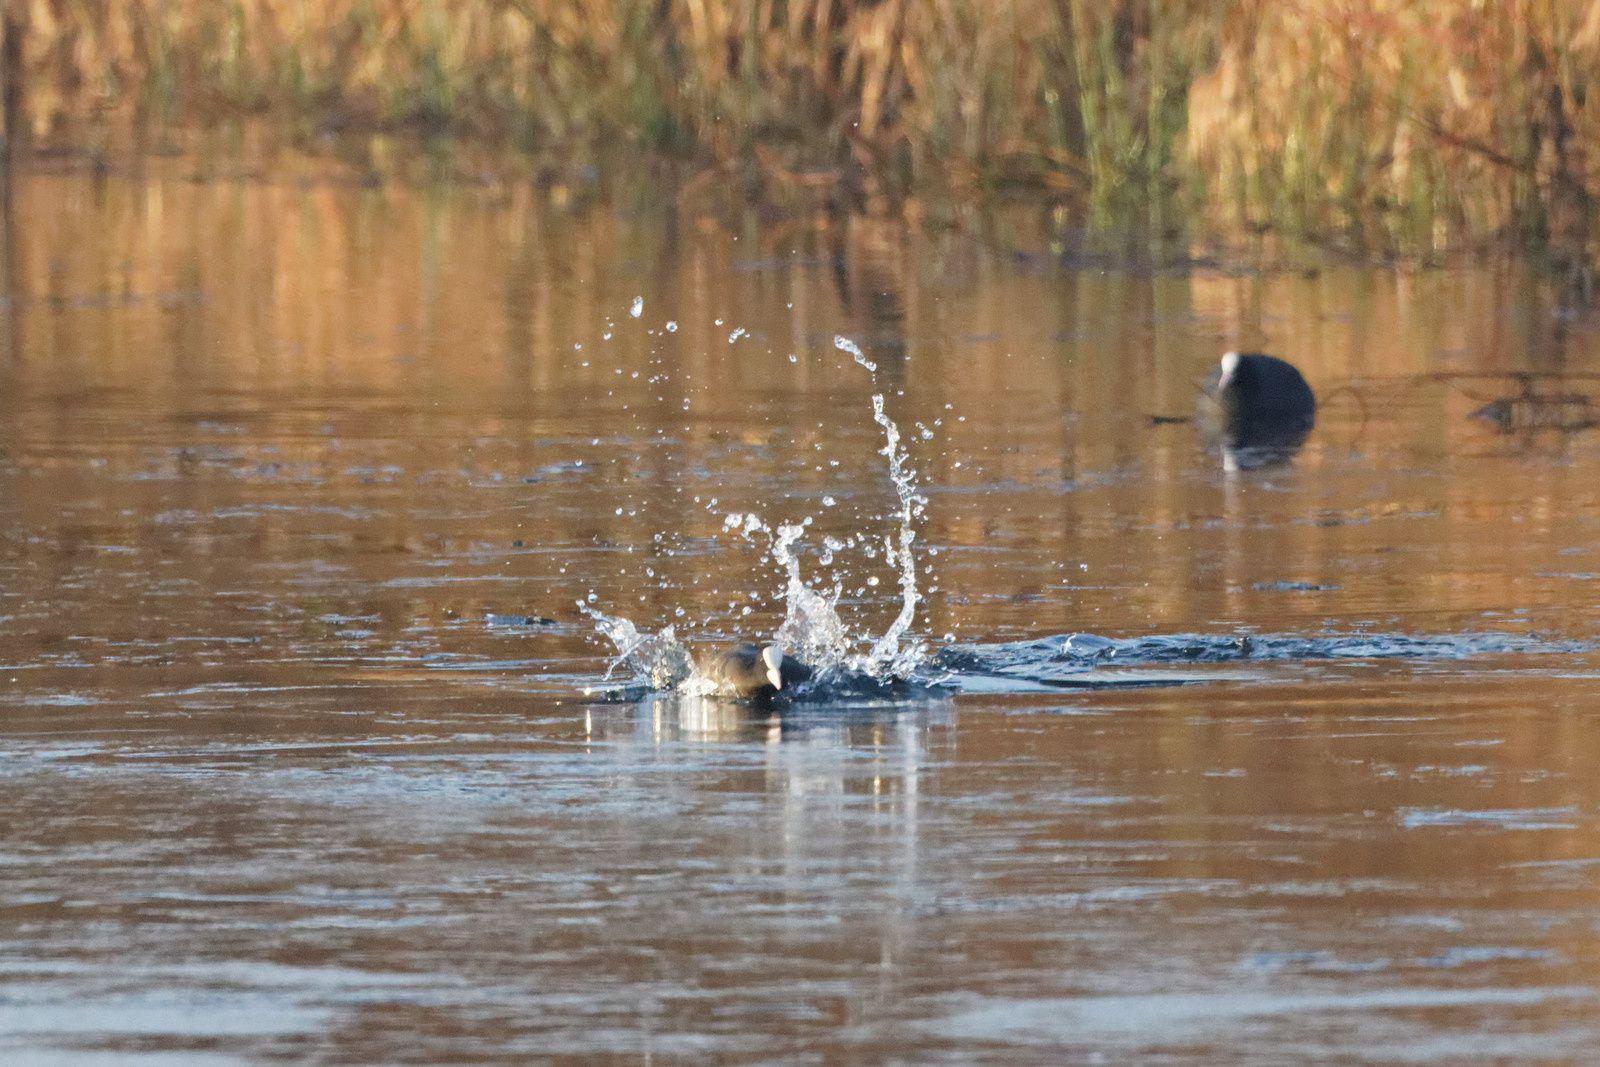 Sortir de l'eau n'est pas si facile... les ratés sont pour tout le monde !